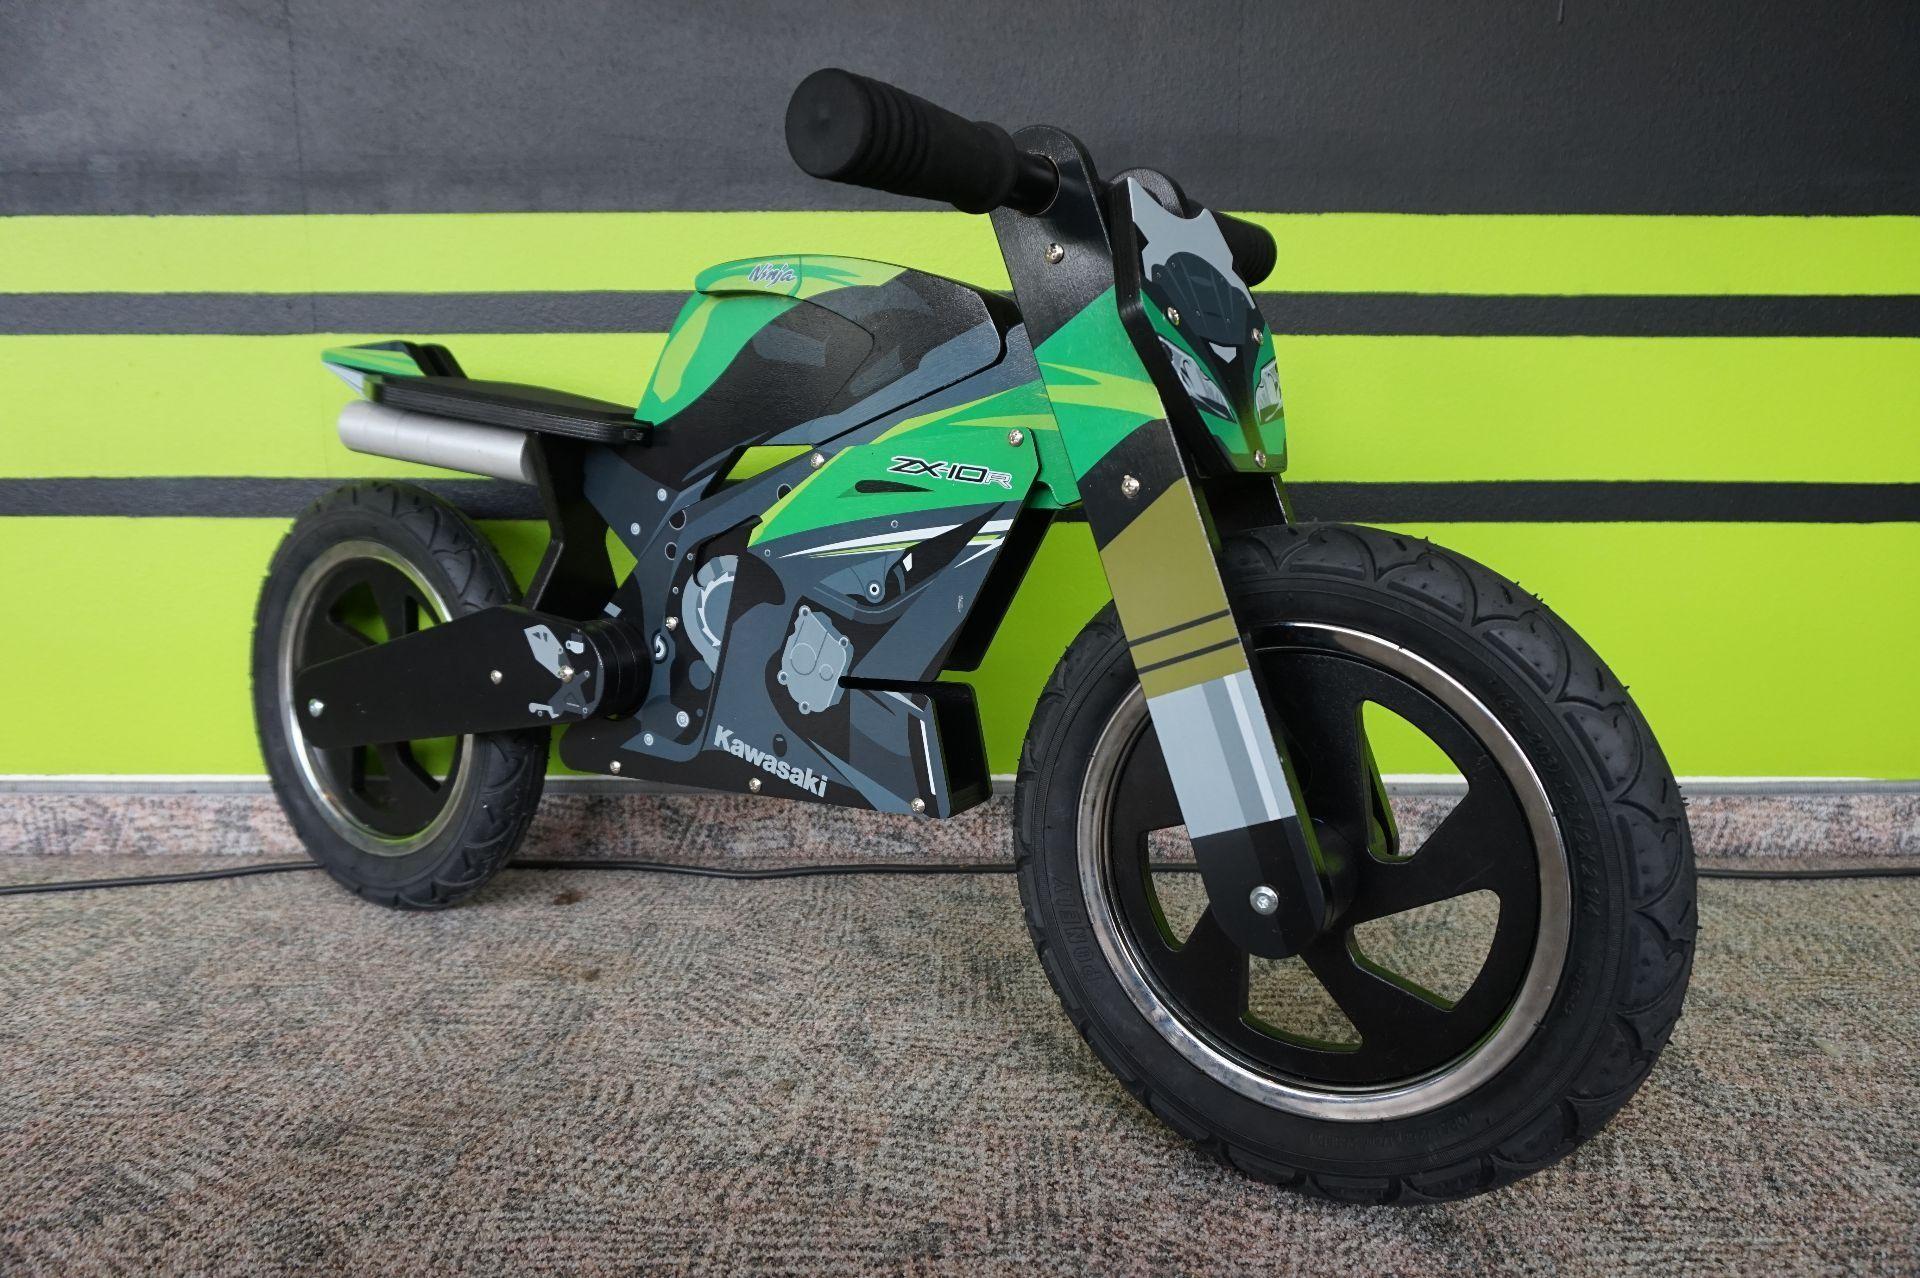 Moto neuve acheter kawasaki spezial kiddy moto zx 10r for Acheter neuve